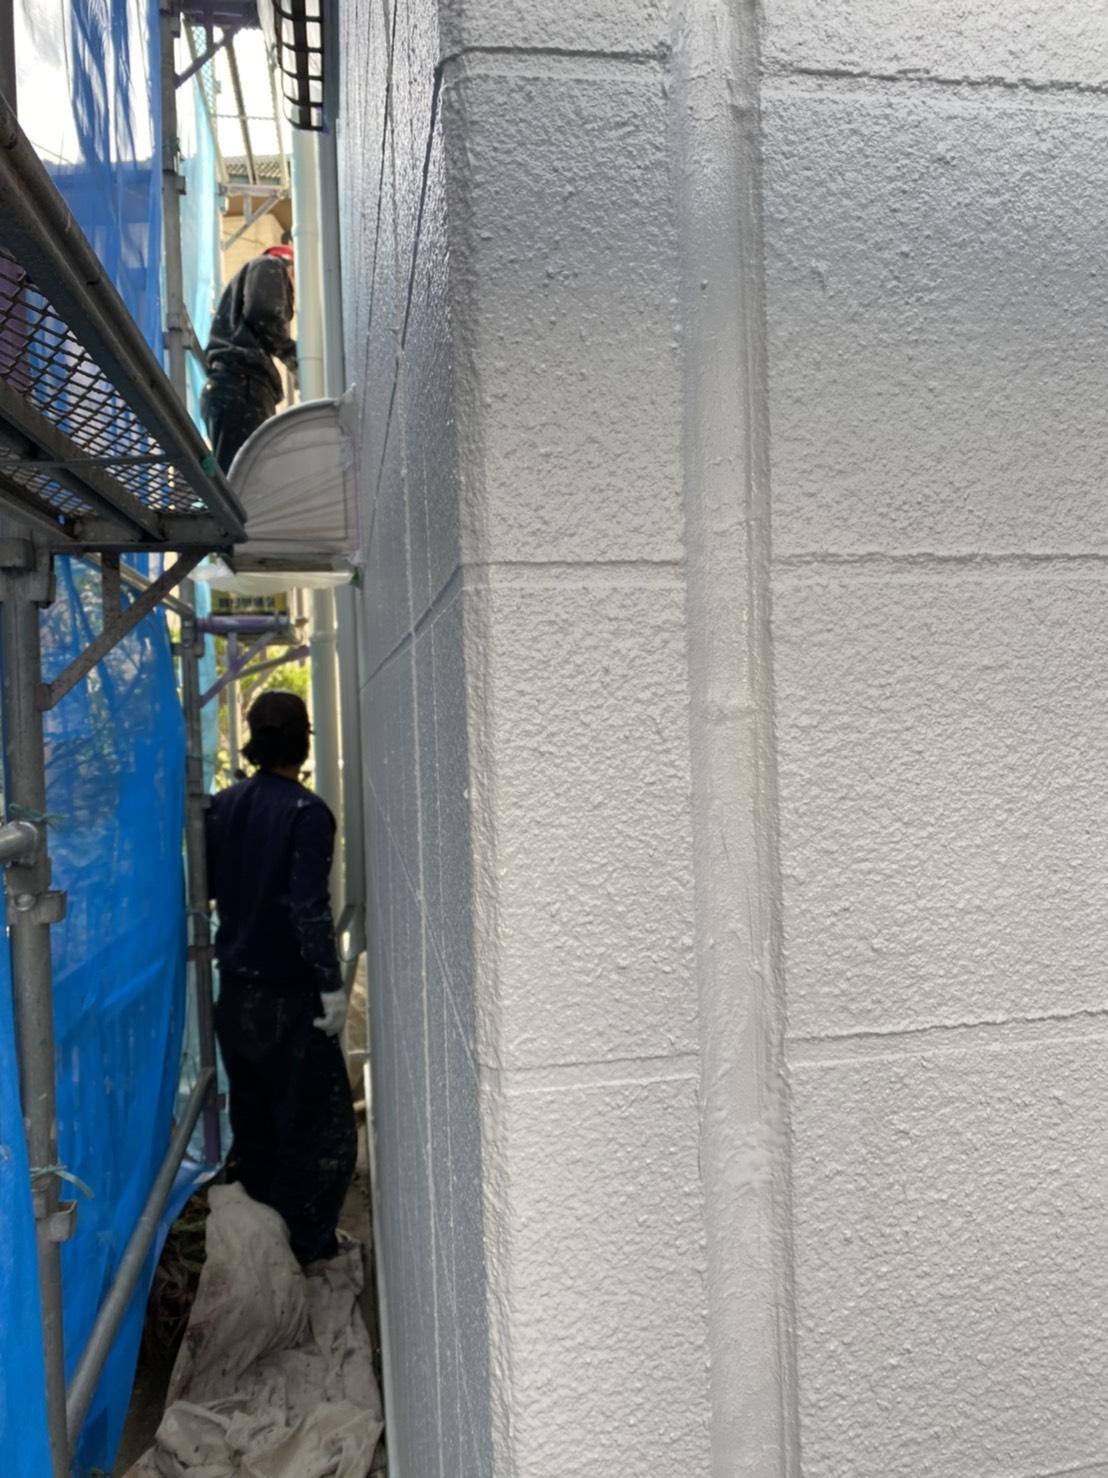 神奈川県横浜市保土ケ谷区 外壁塗装 マンション エスケープレミアムシリコン ツヤ有り塗料とツヤ無し塗料の違い (2)